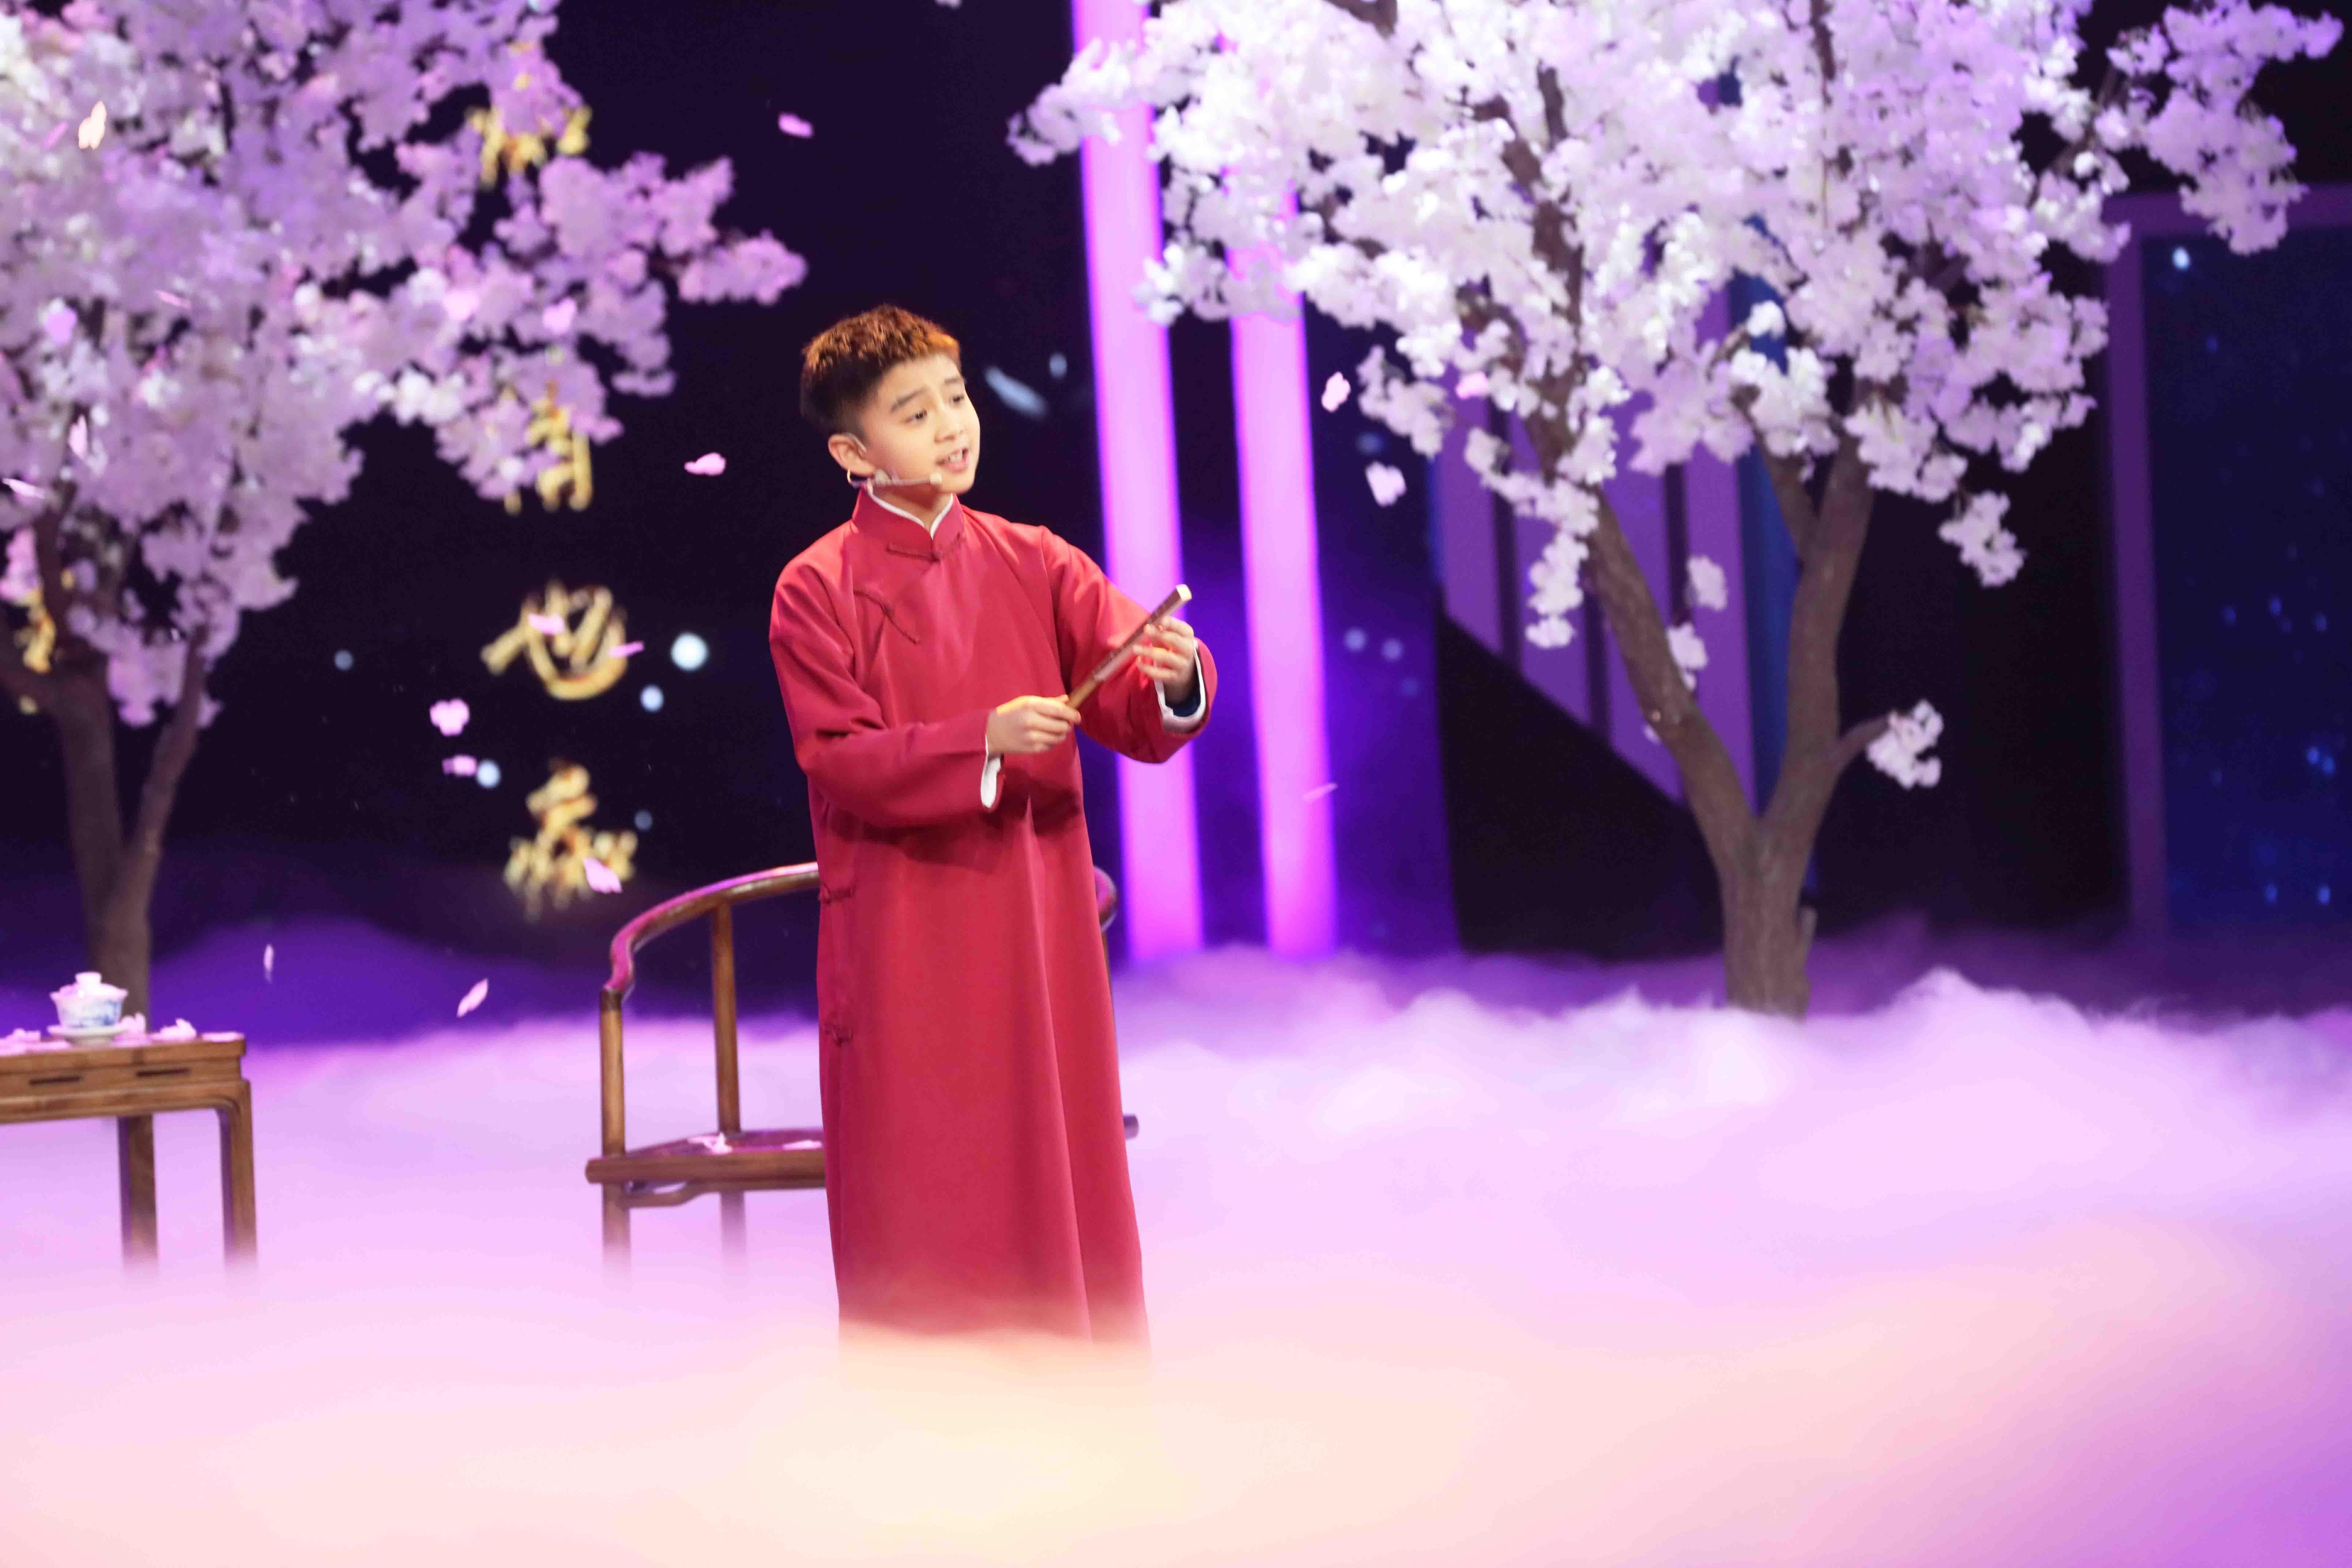 11岁少年携手李玉刚惊艳演绎 梨花颂